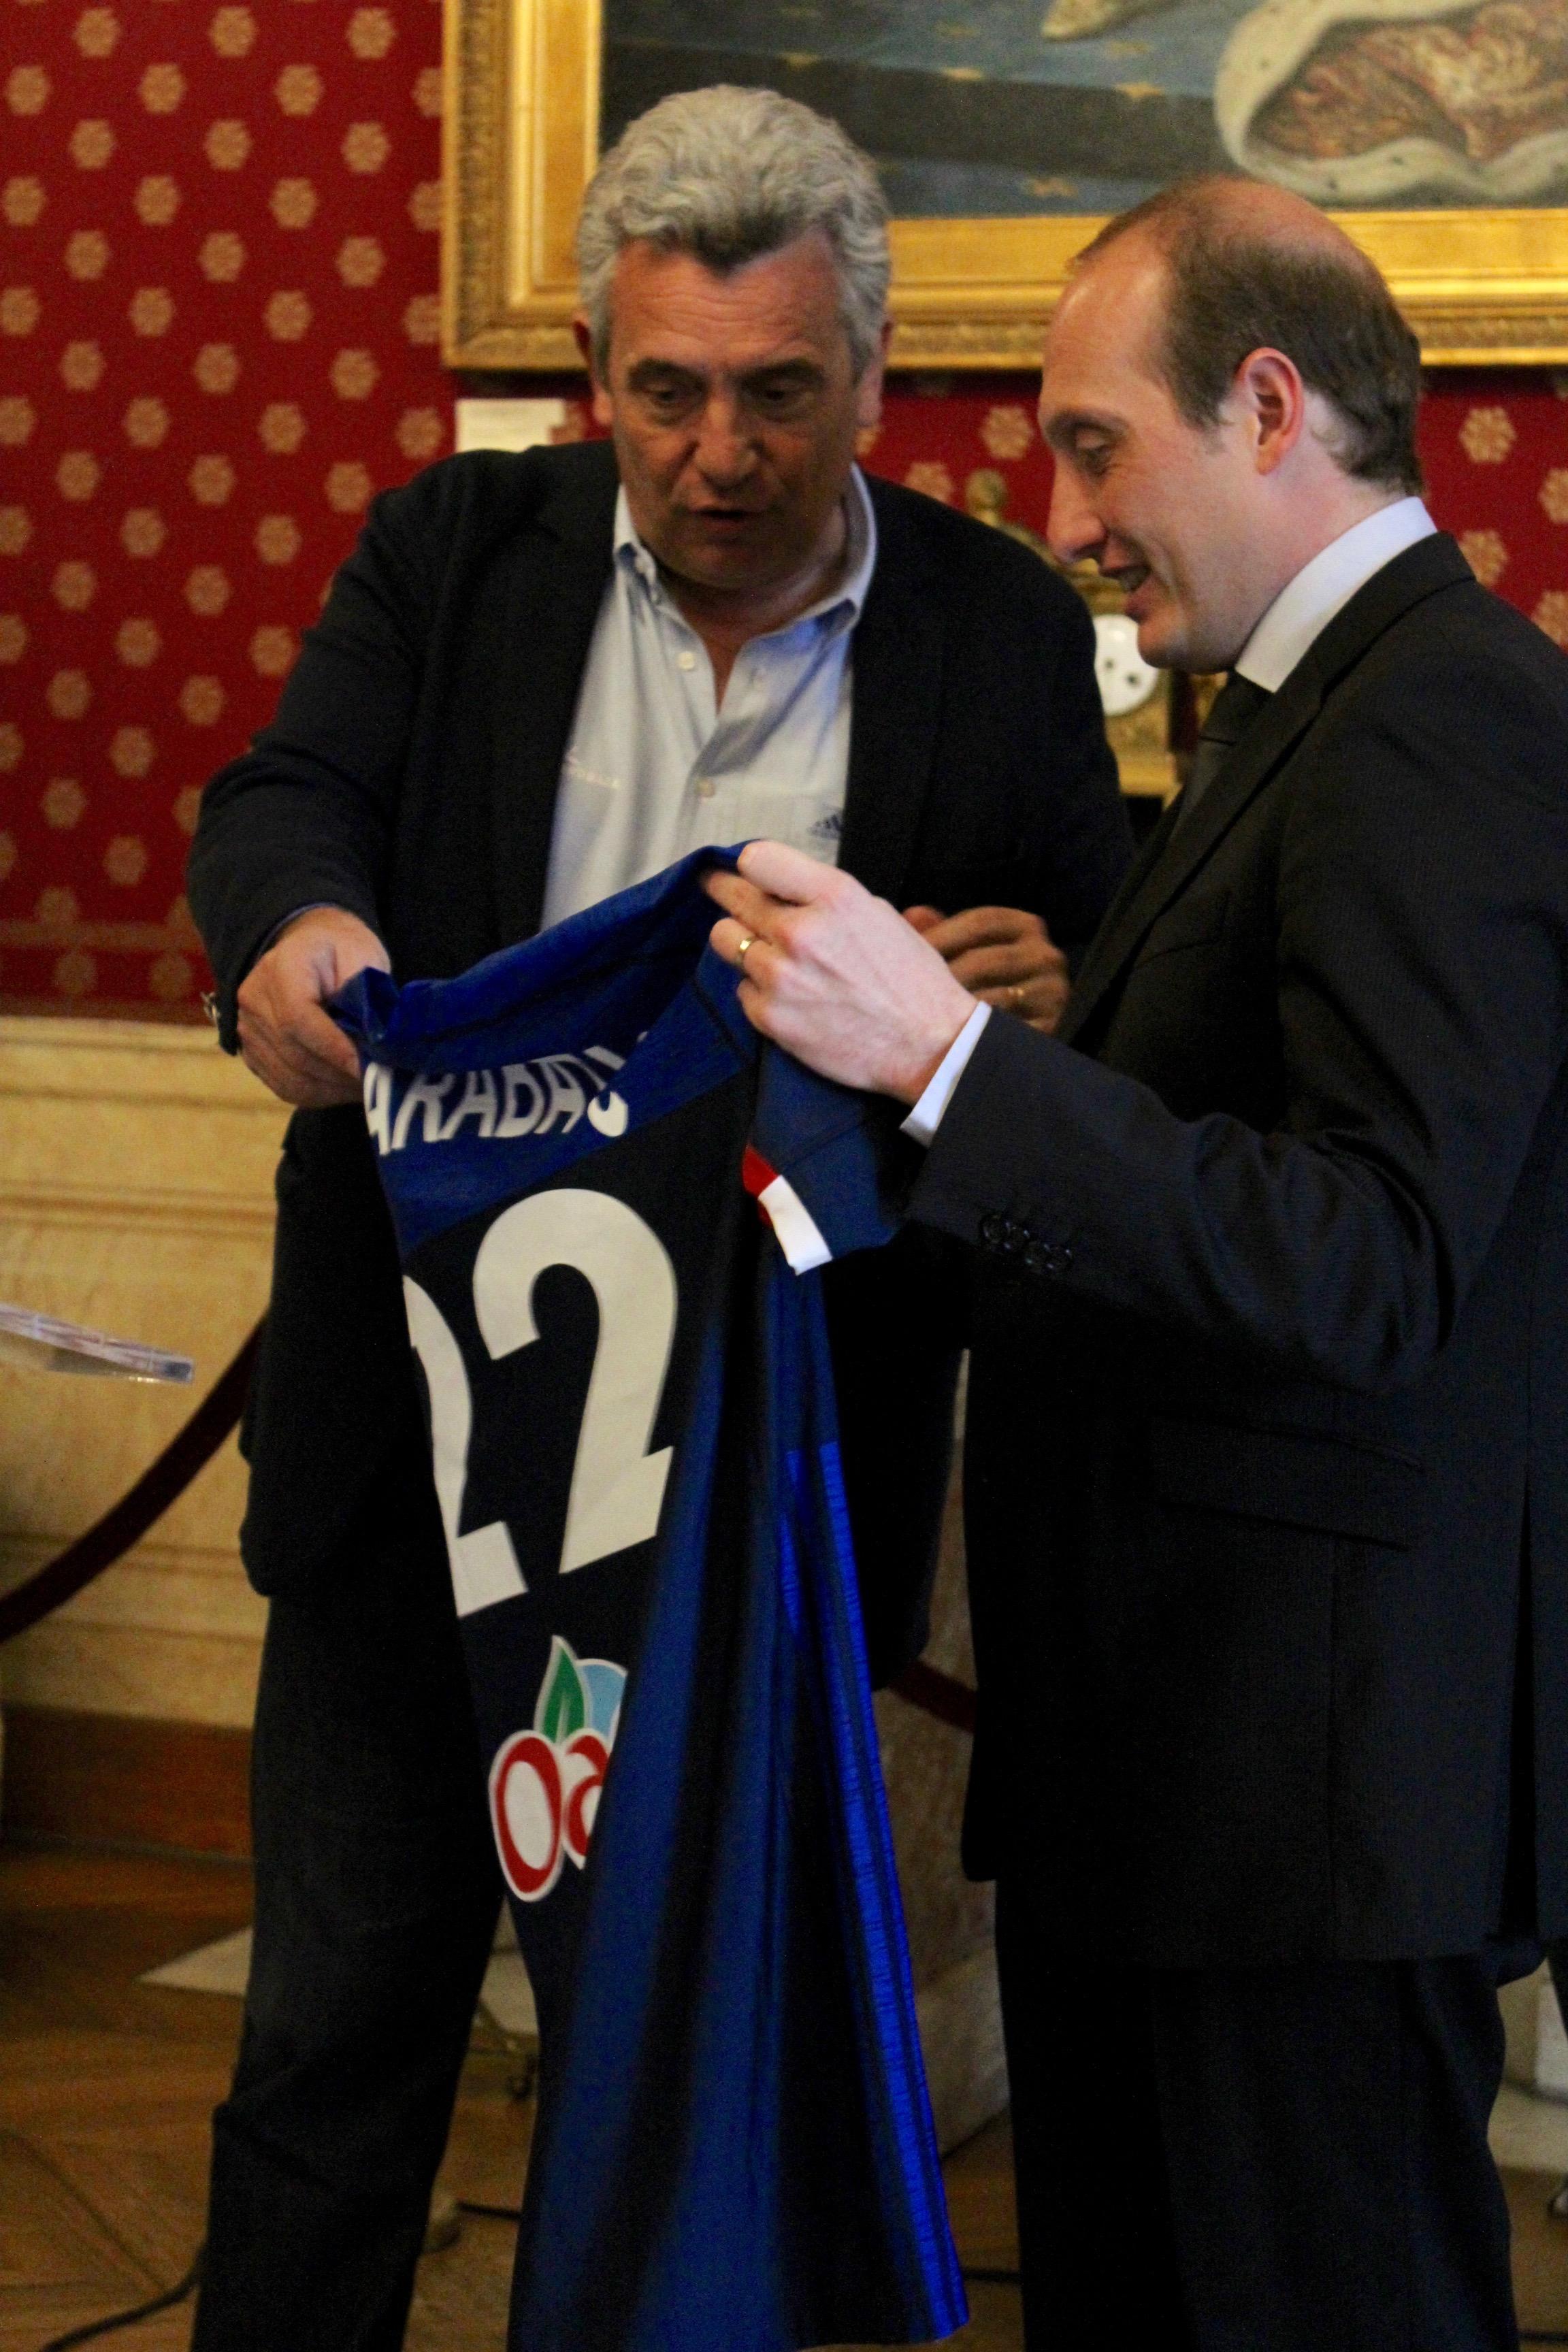 Remise de la médaille de la ville à Claude Onesta Sélectionneur de l'équipe de France de Handball